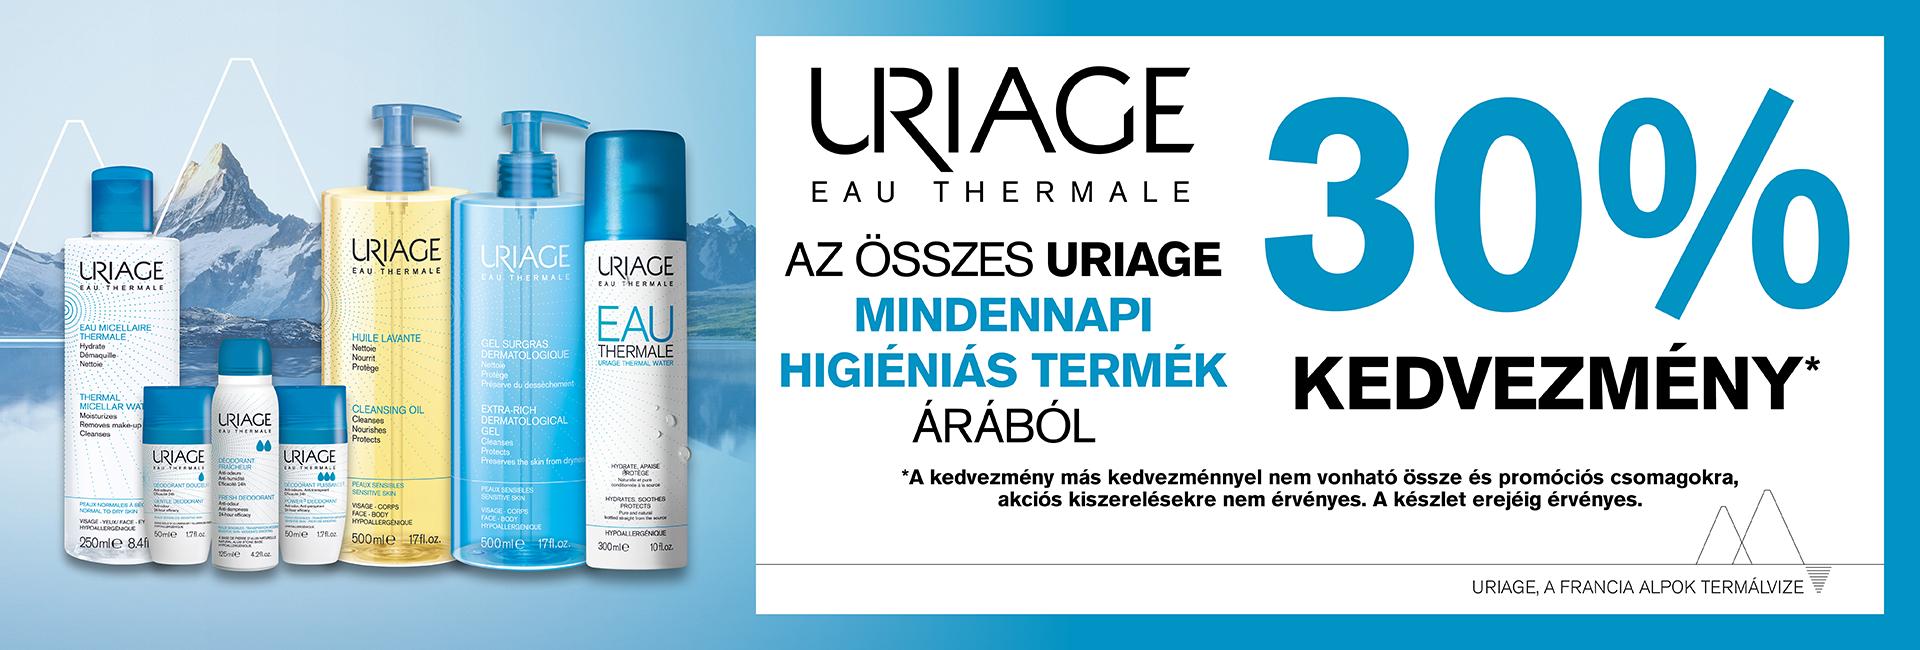 2020. május 28. és június 11. között minden Uriage mindennapos ápoló termék 30%-os kedvezménnyel kapható!